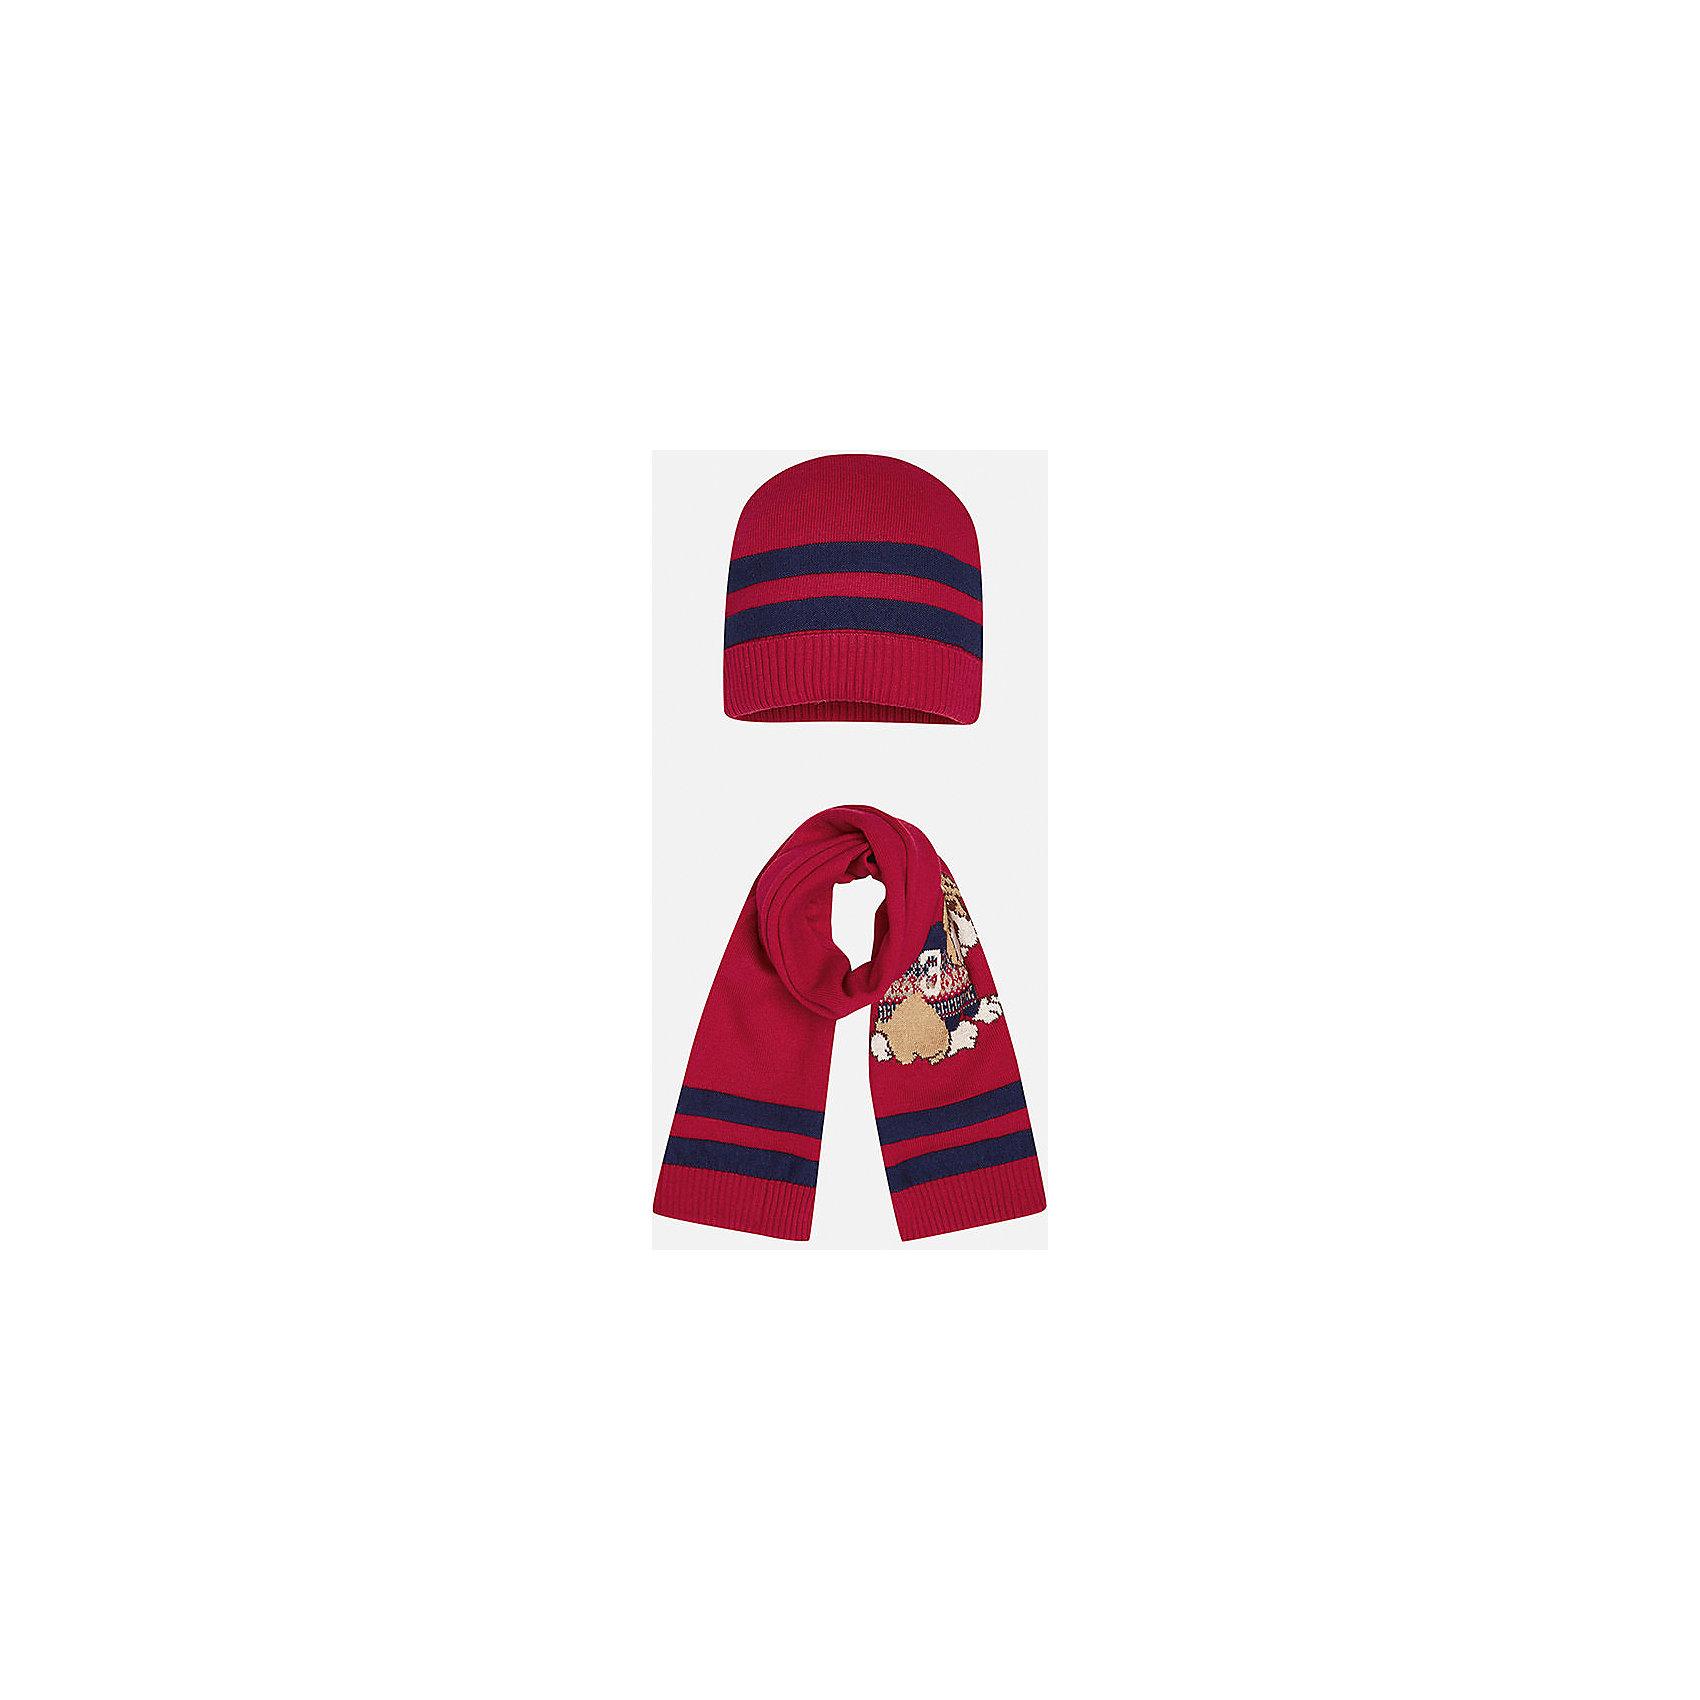 Комплект: шапка-шарф для мальчика MayoralКомплект из шапки и шарфа для мальчика от известного испанского бренда Mayoral. Изготовлены из качественных дышащих материалов. Шарф украшен приятным рисунком с собачкой.<br>Дополнительная информация:<br>-цвет: красный с темно-синими полосками; рисунок собачка на шарфе<br>-резиночка на шапке<br>-состав: 60% хлопок, 30% полиамид, 10% шерсть<br>Комплект из шапки и шарфа Mayoral вы можете приобрести  в нашем интернет-магазине.<br><br>Ширина мм: 89<br>Глубина мм: 117<br>Высота мм: 44<br>Вес г: 155<br>Цвет: бордовый<br>Возраст от месяцев: 12<br>Возраст до месяцев: 18<br>Пол: Мужской<br>Возраст: Детский<br>Размер: 48,46<br>SKU: 4820060